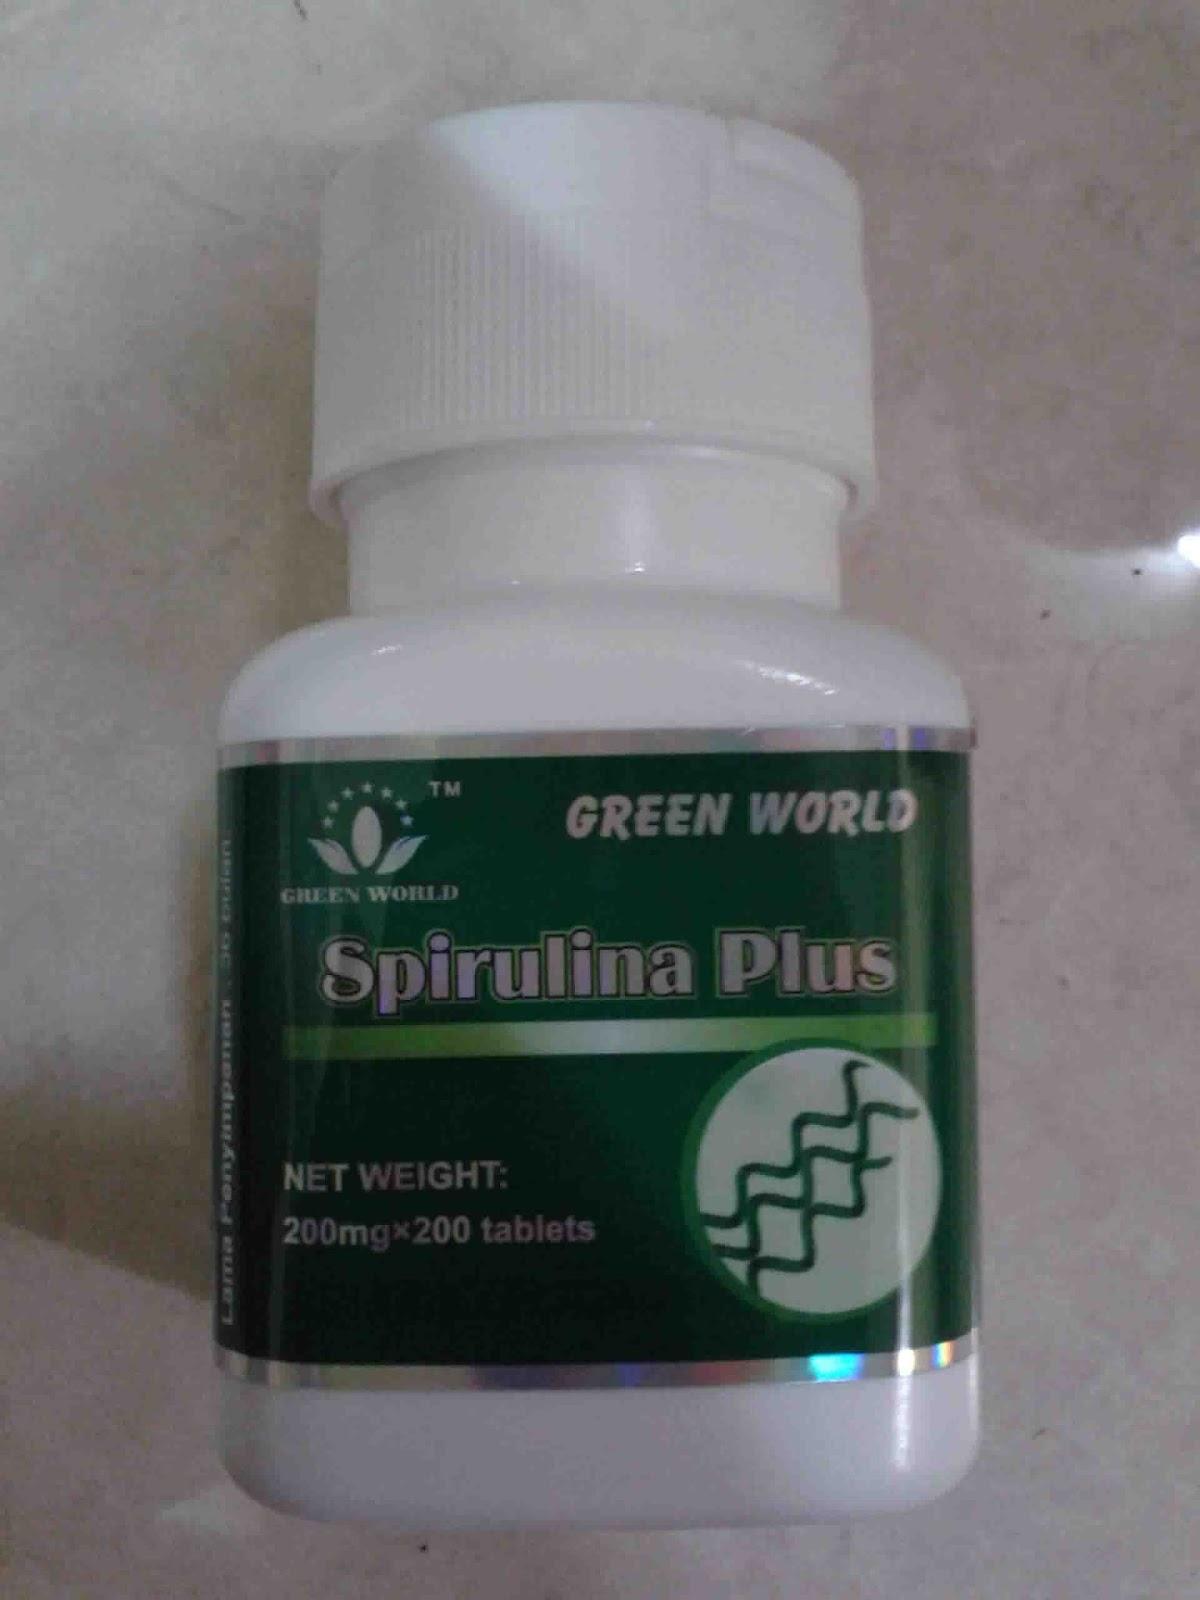 Green World Paket Penggemuk Badan Herbal Alami Tanpa Efek Samping Spirulina Plus Tablet